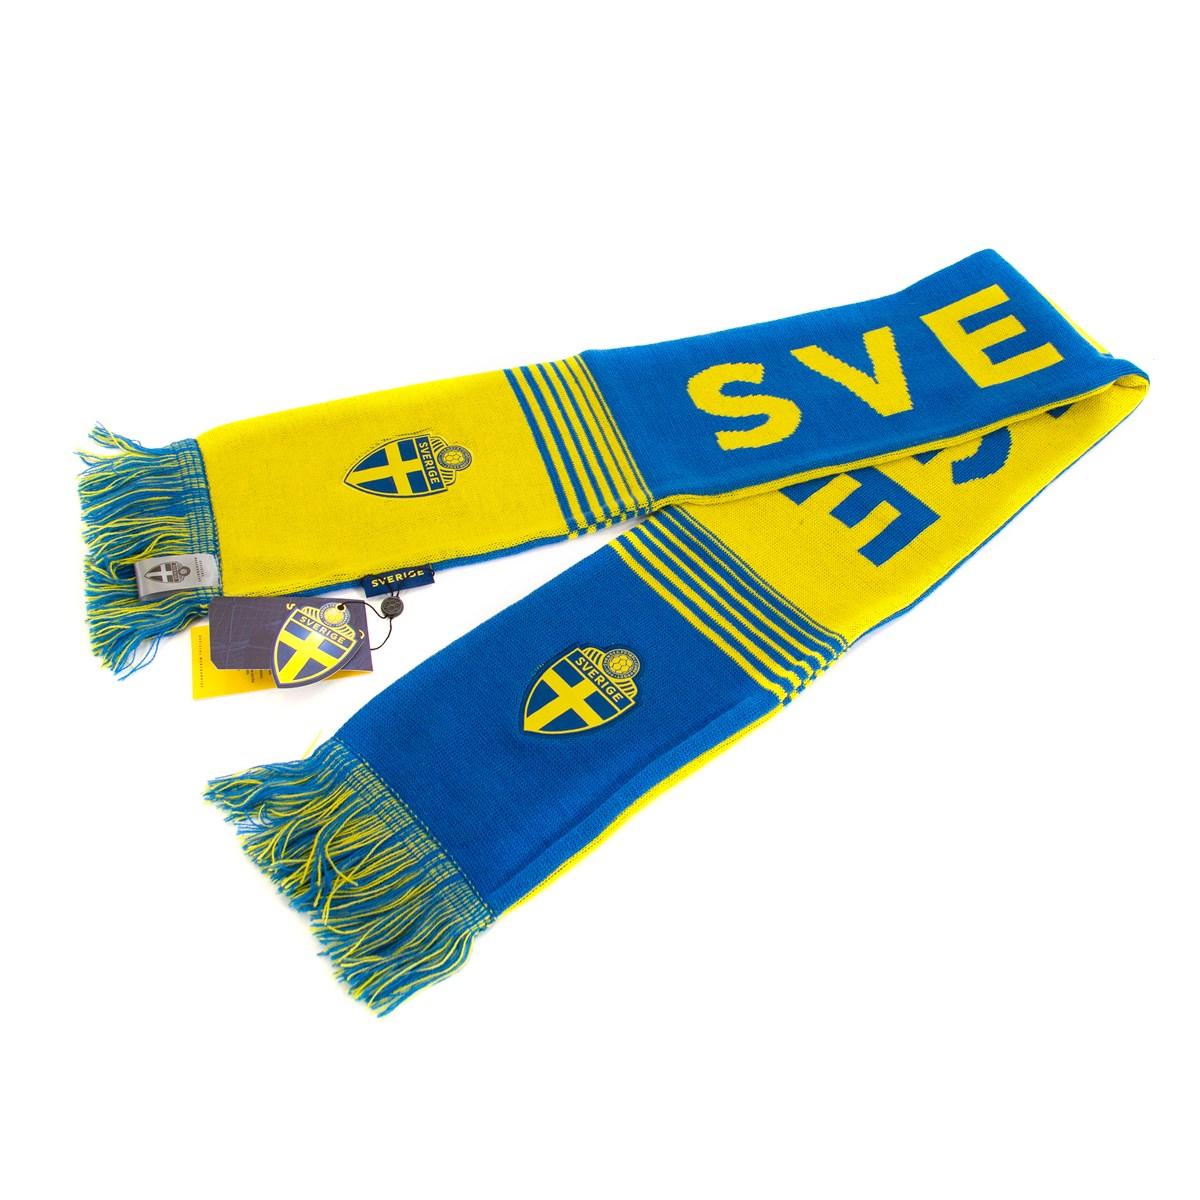 Halsduk Sverige Gul & Blå